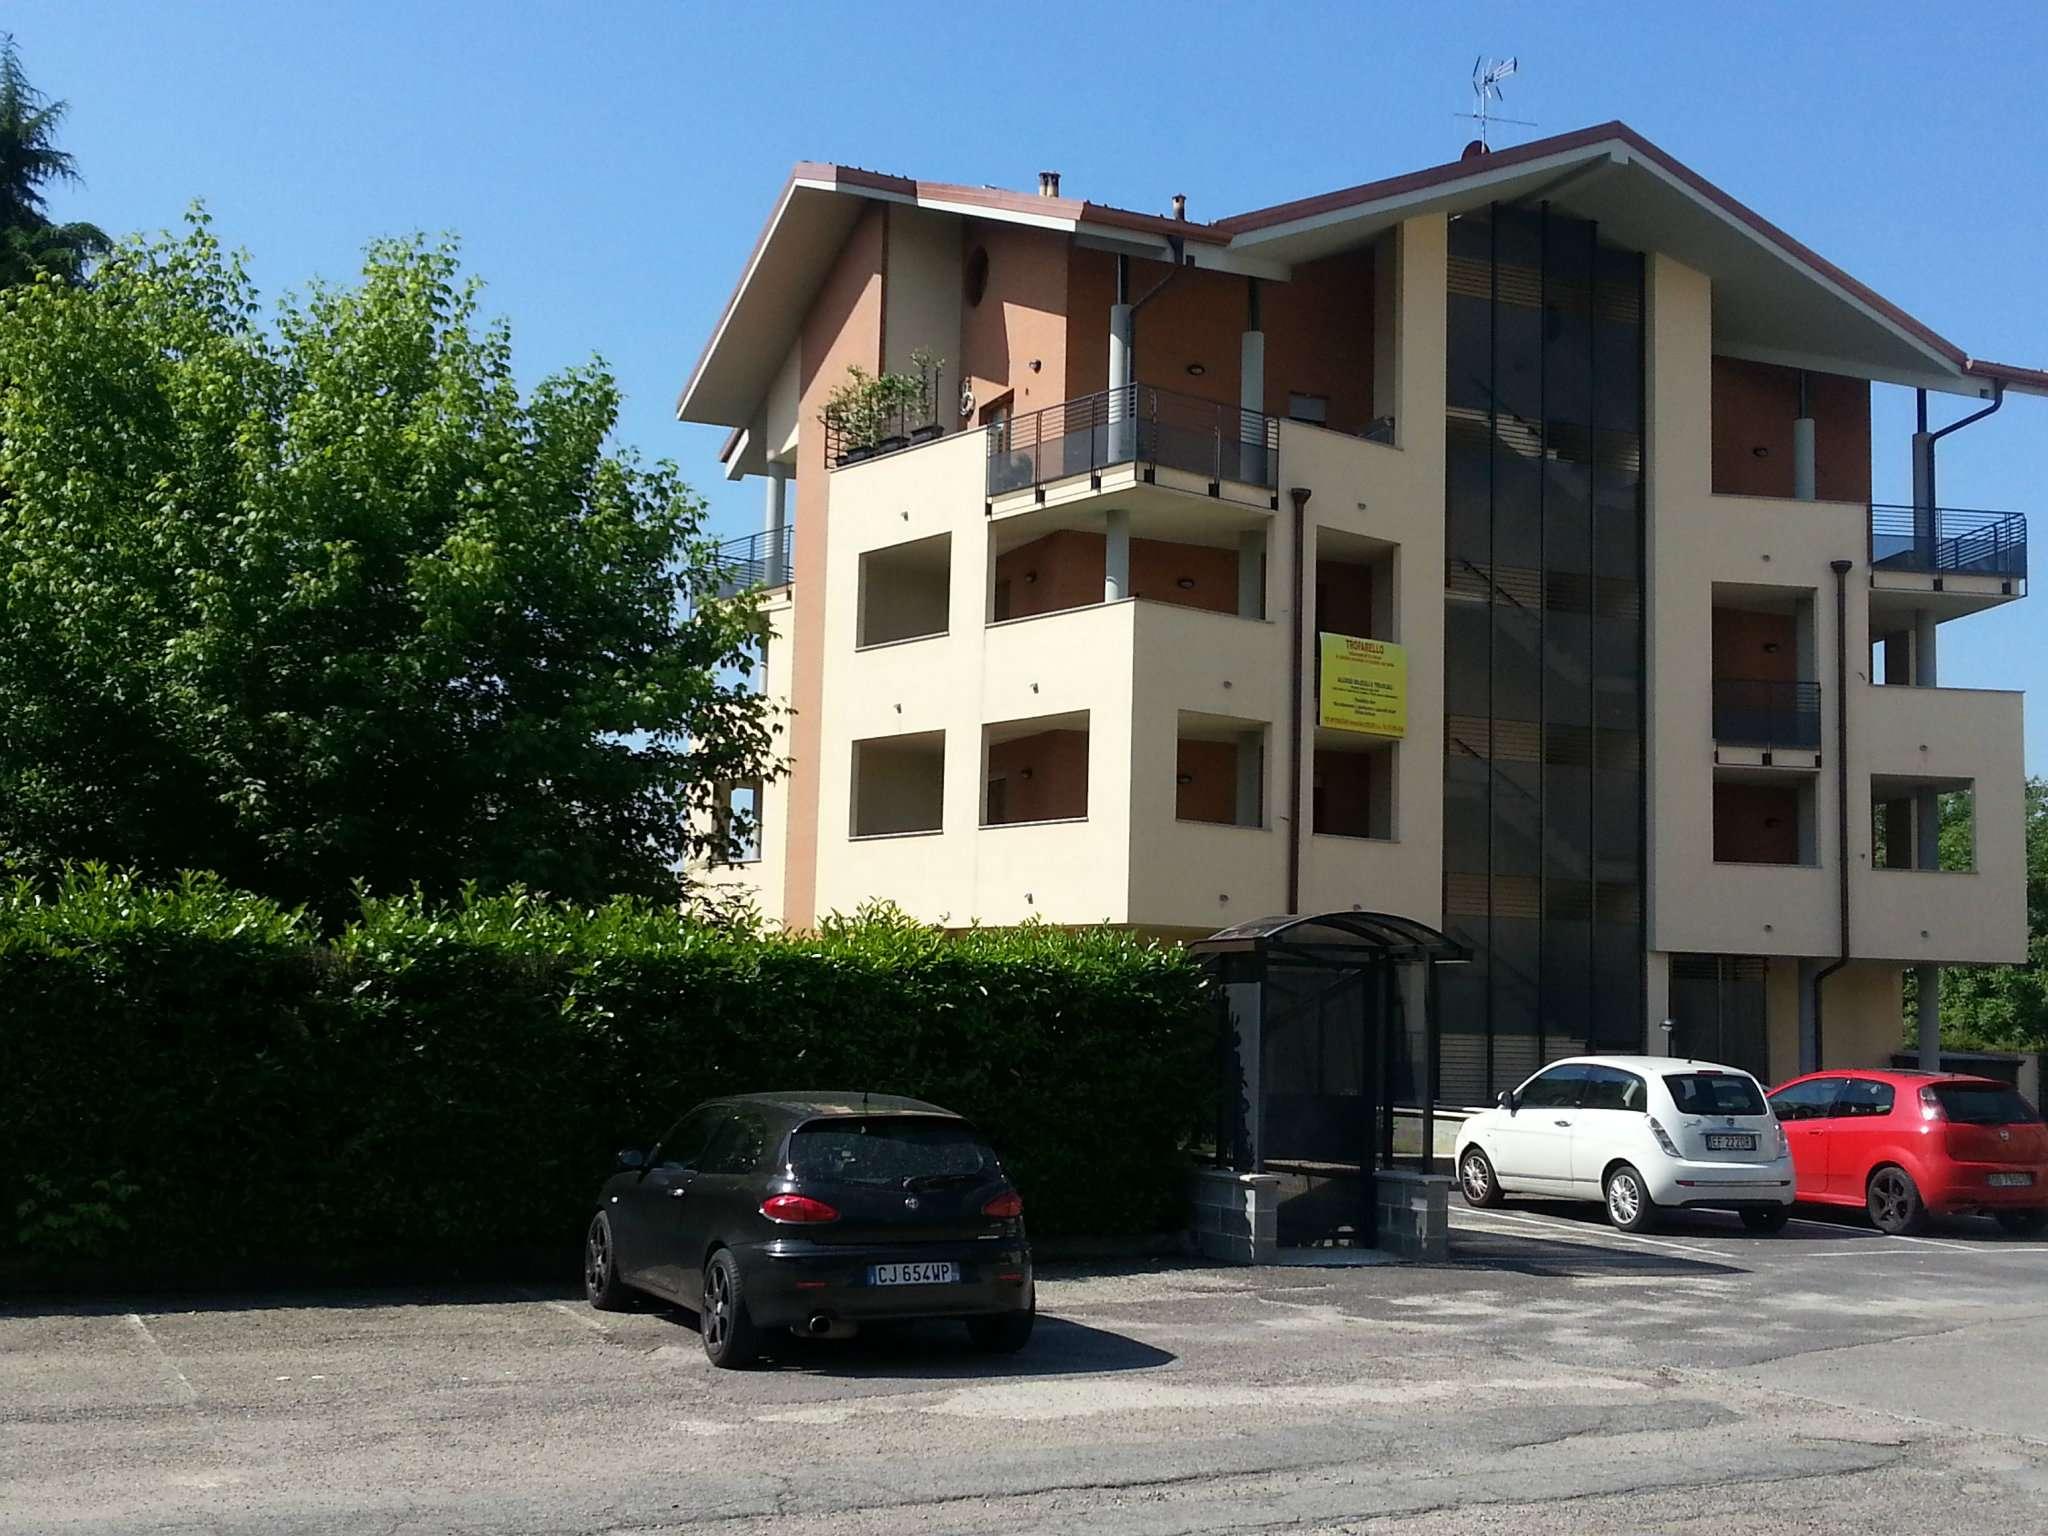 Appartamento in vendita a Trofarello, 4 locali, prezzo € 255.000 | Cambio Casa.it